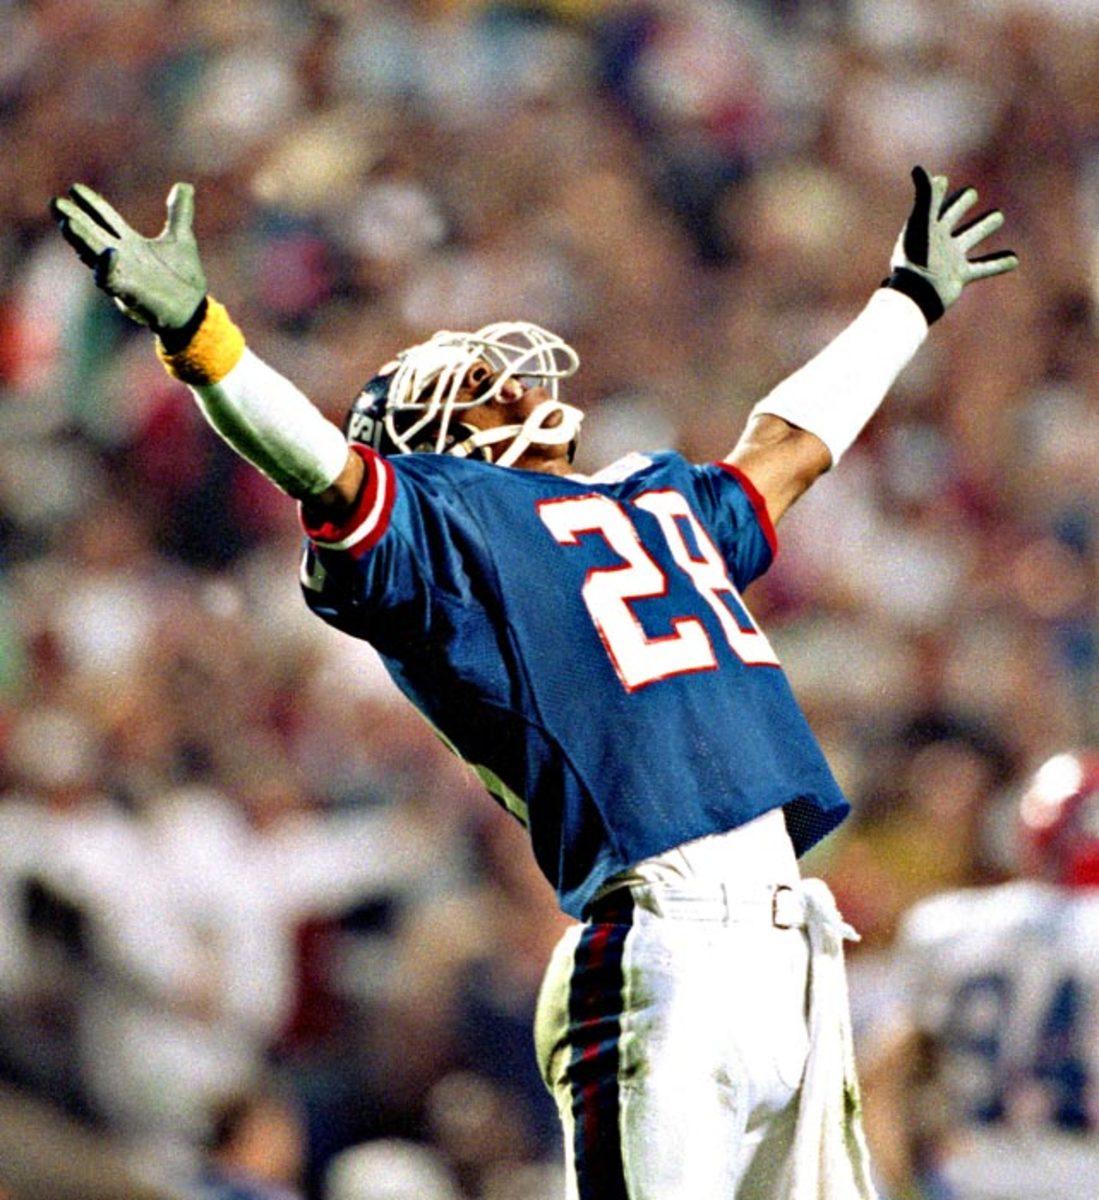 Super Bowl XXV, Jan. 27, 1991